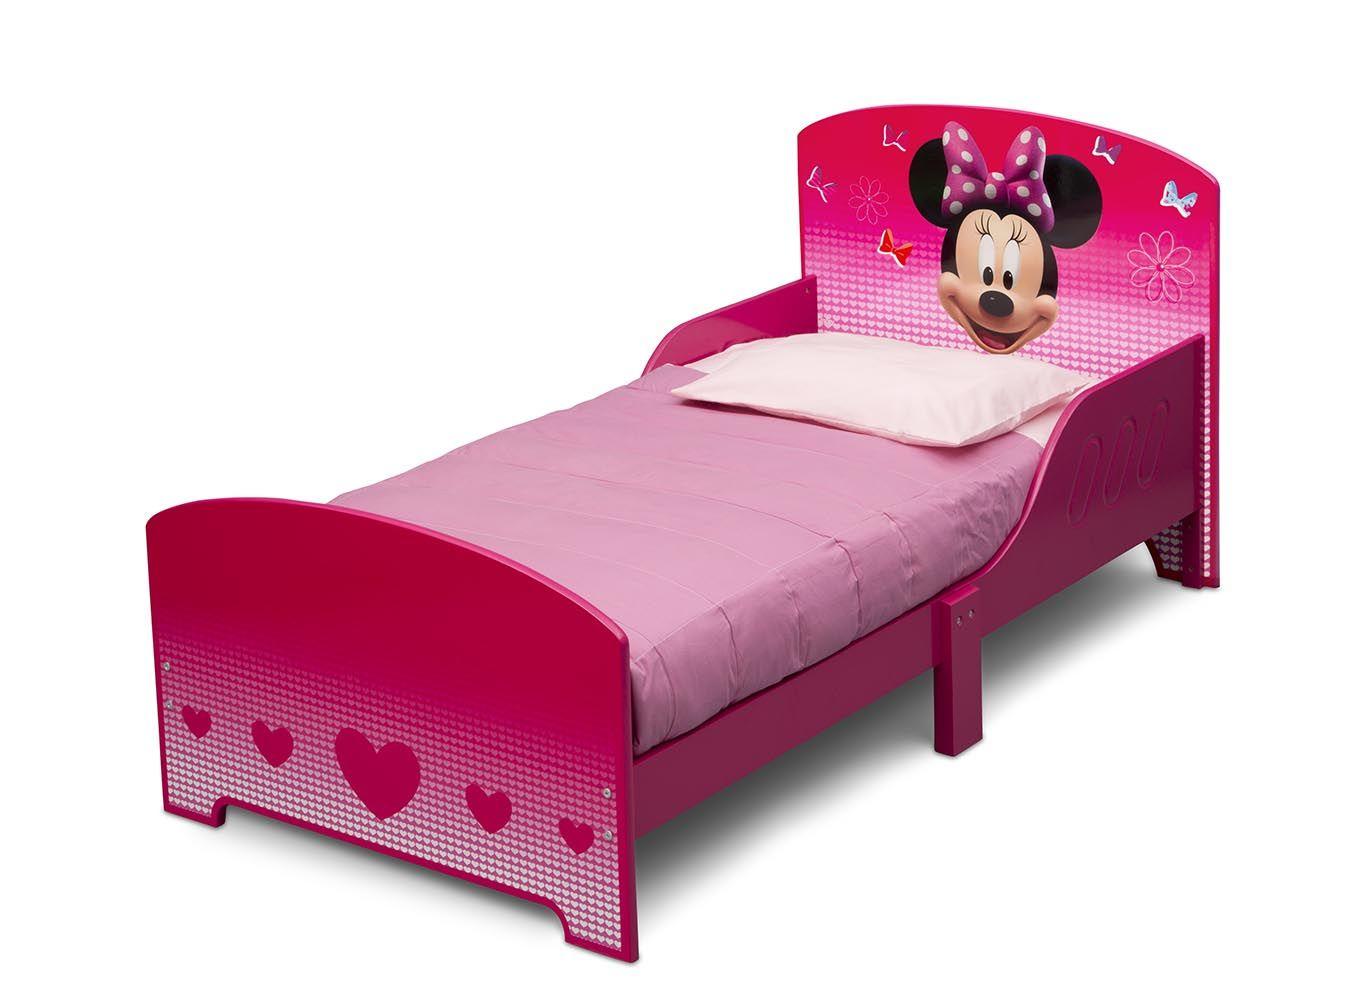 Cama infantil de madera con Minnie Mouse Pink ideal para el cambio ...